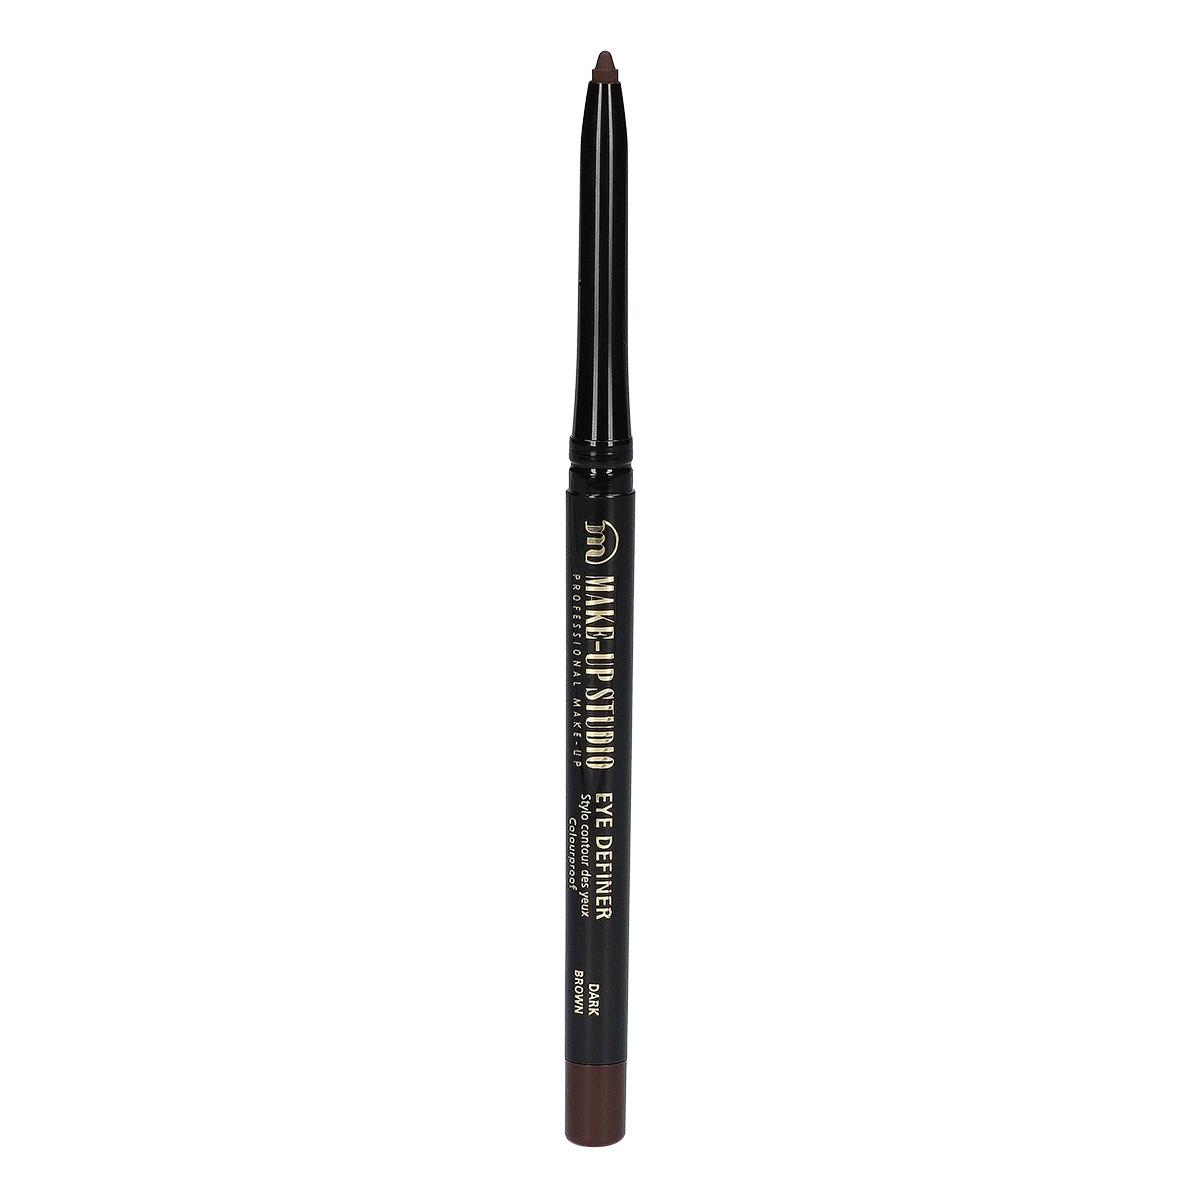 Eye Definer Eyeliner - Dark Brown